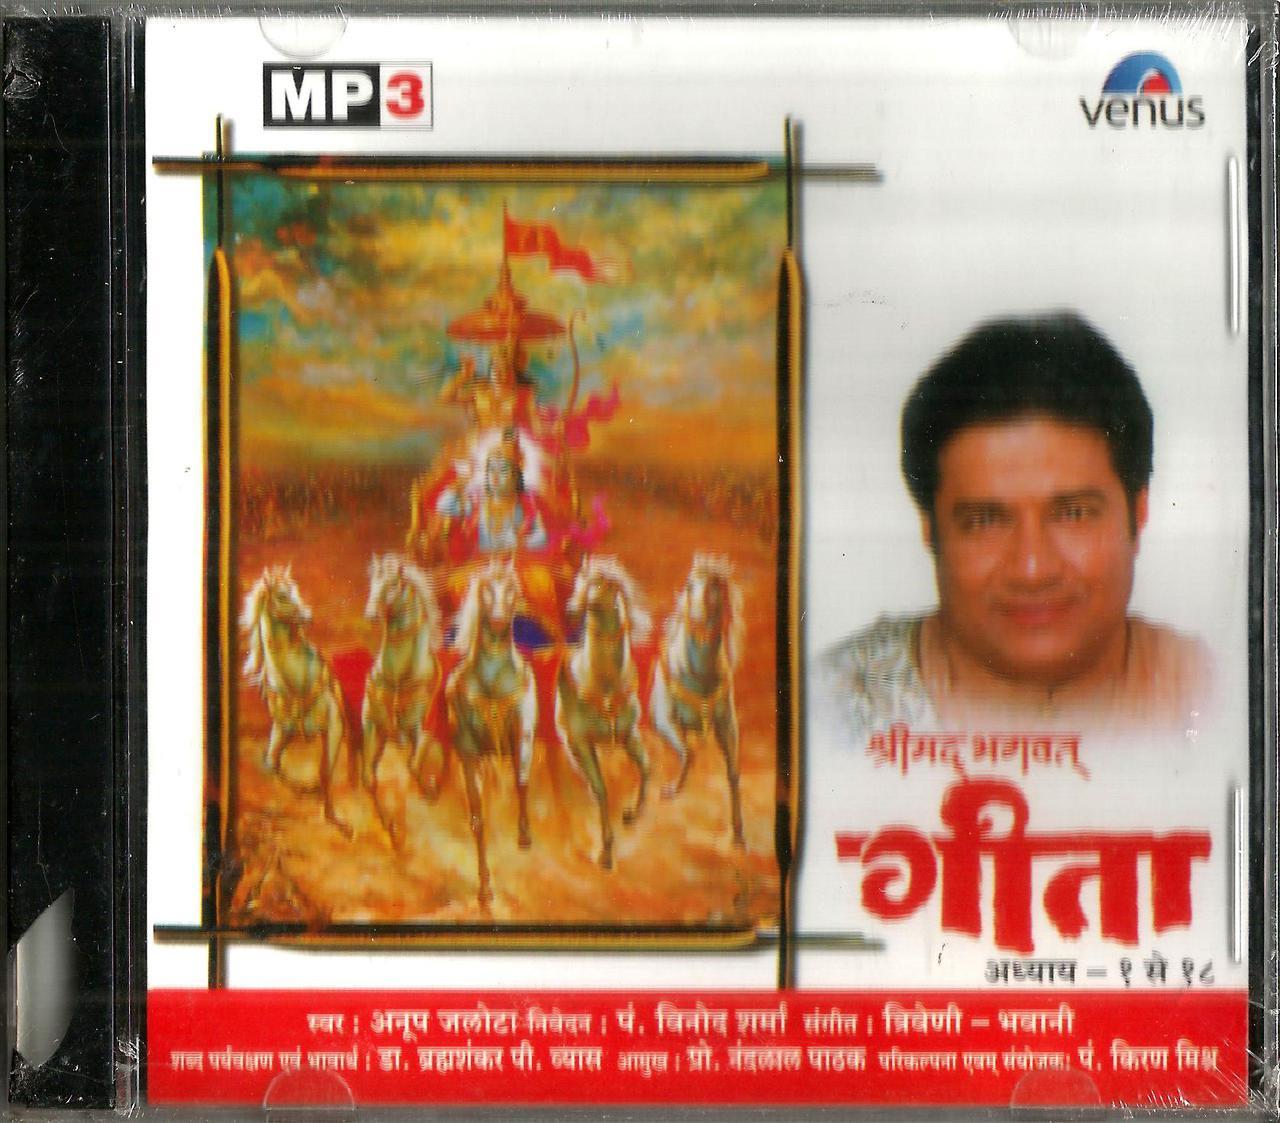 Shreemad bhagwat geeta vol. 3 anup jalota, triveni, bhavani.